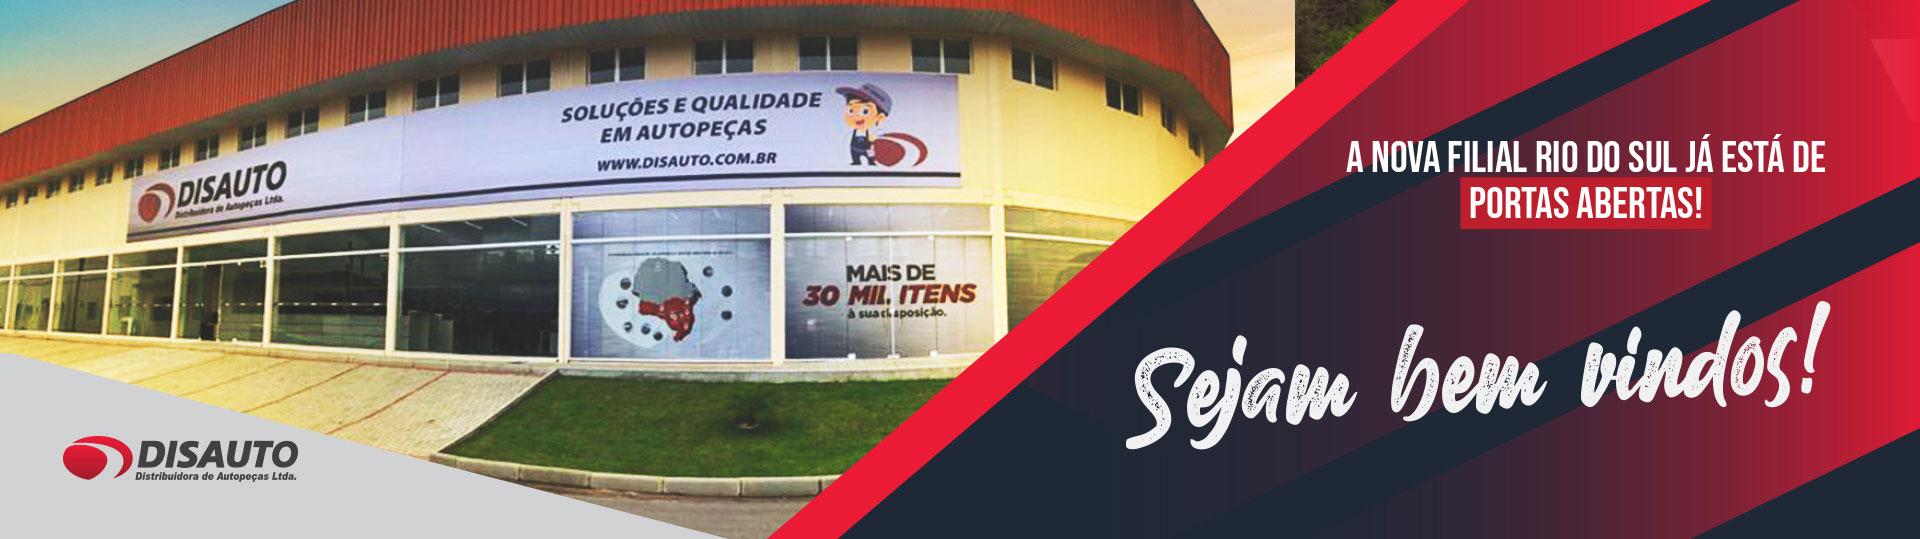 Filial Rio do Sul Disauto